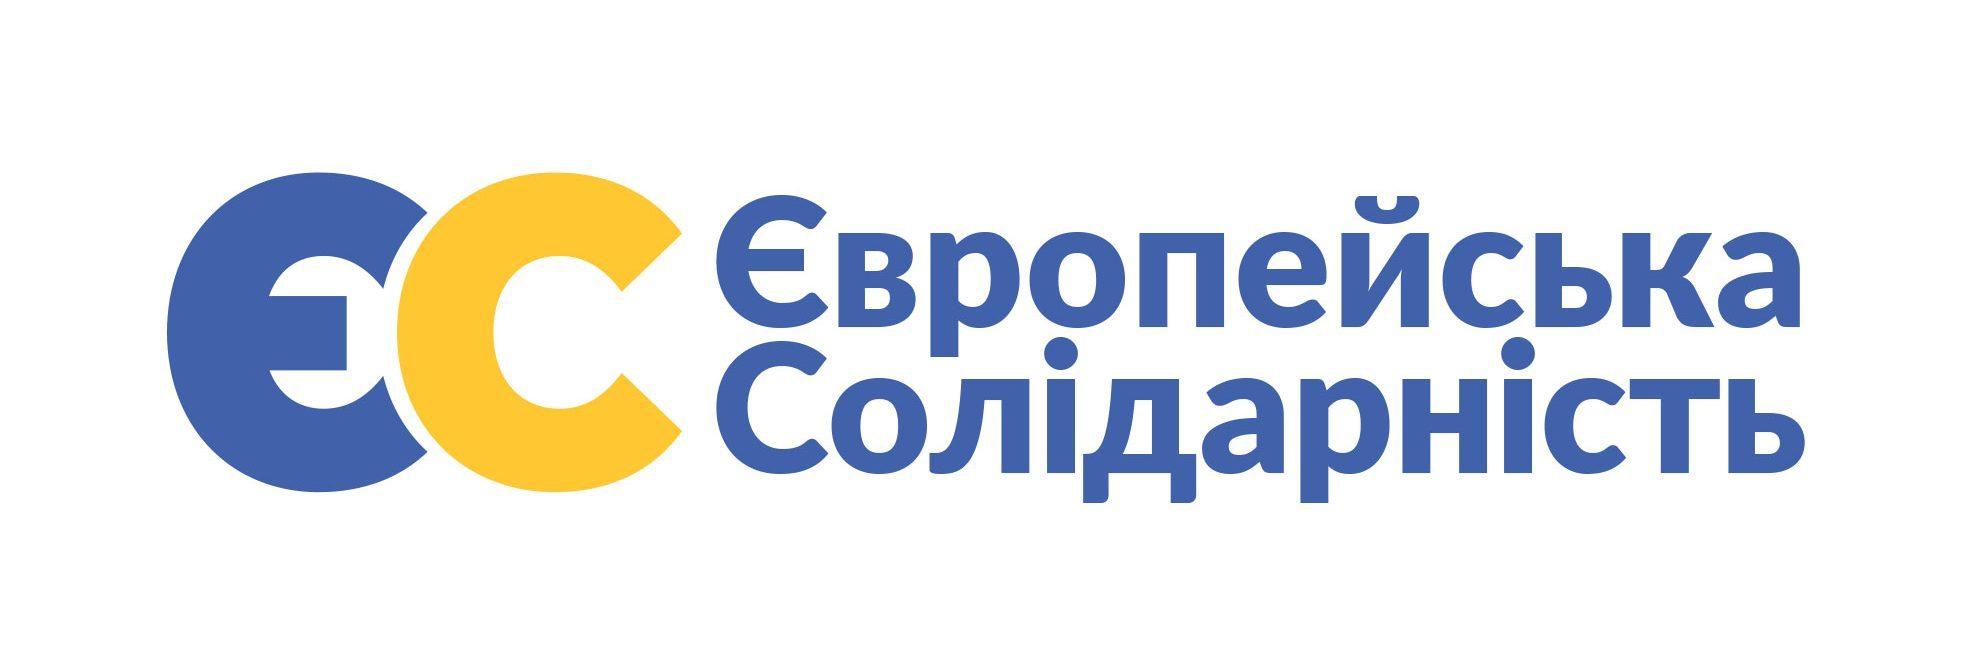 Європейська Солідарність – Територіальна організація в місті Києві